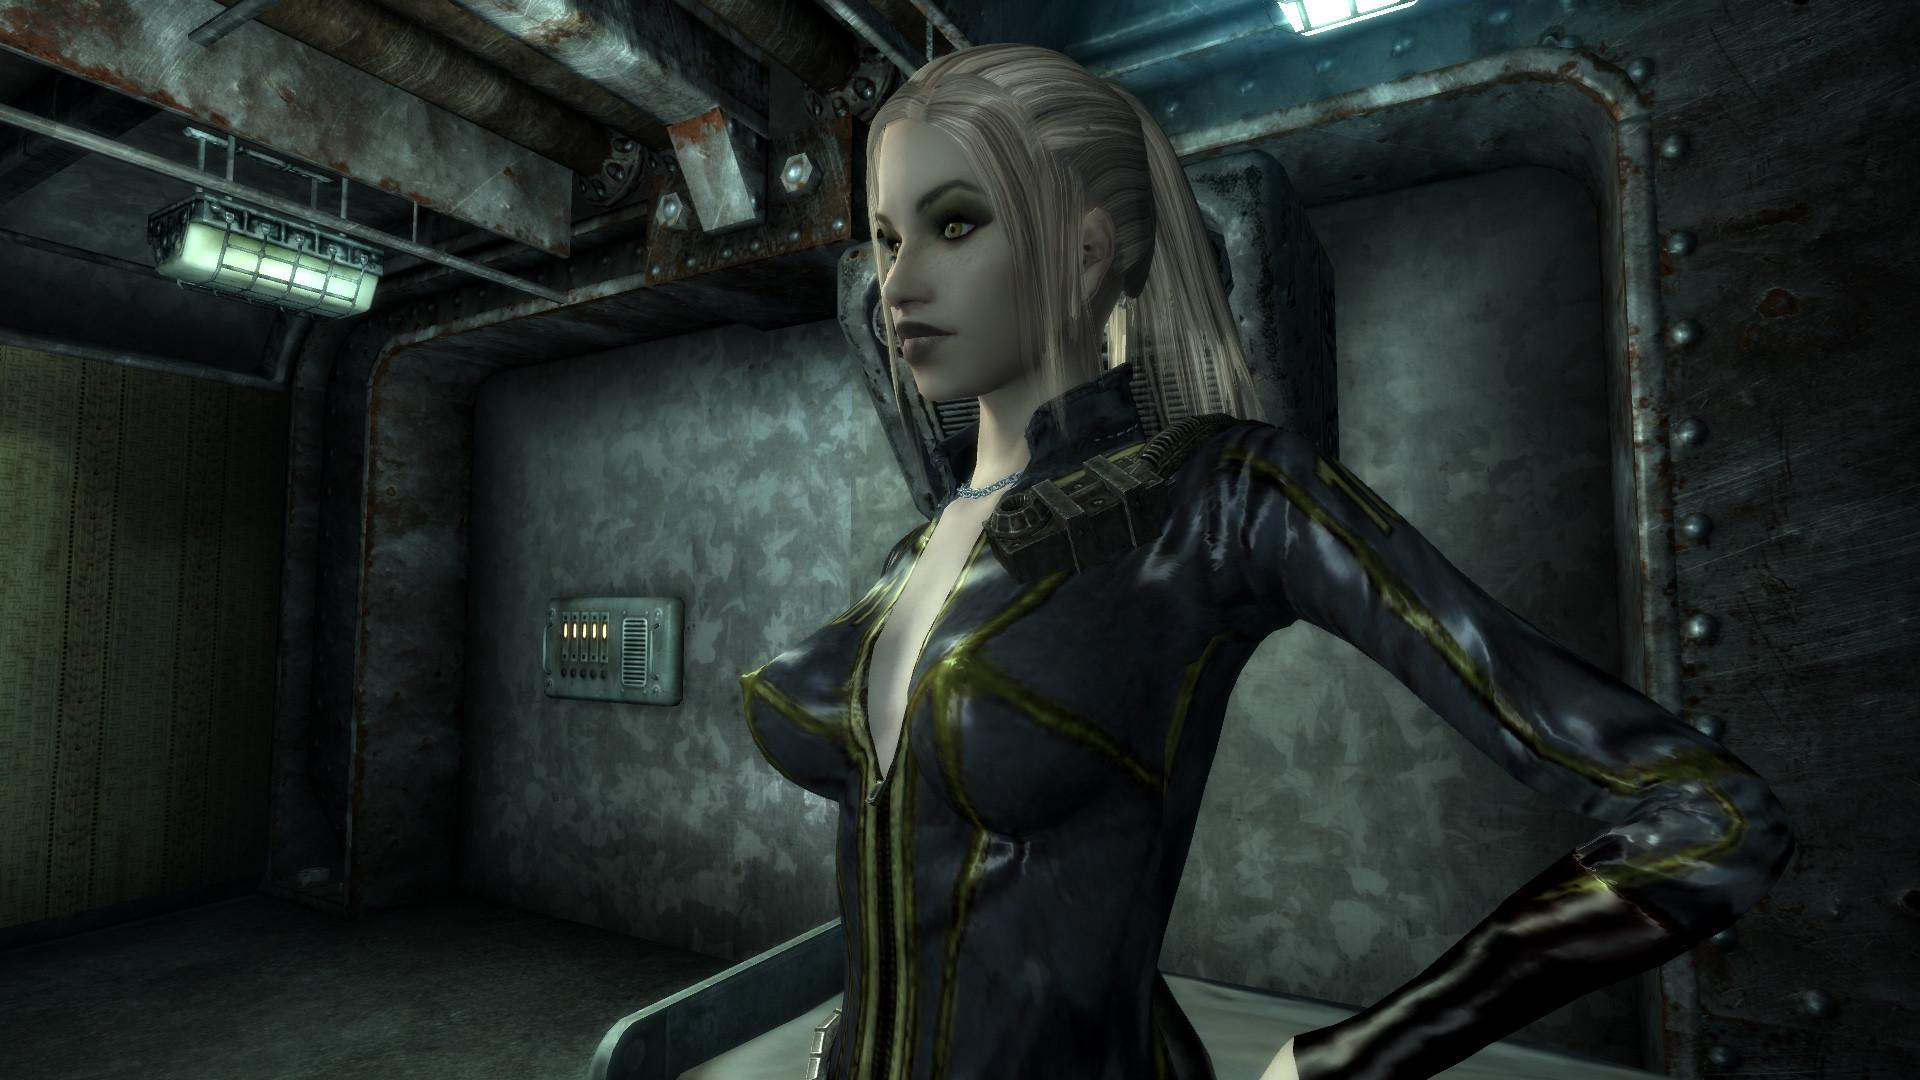 fallout 3 vault girl wallpaper – photo #8